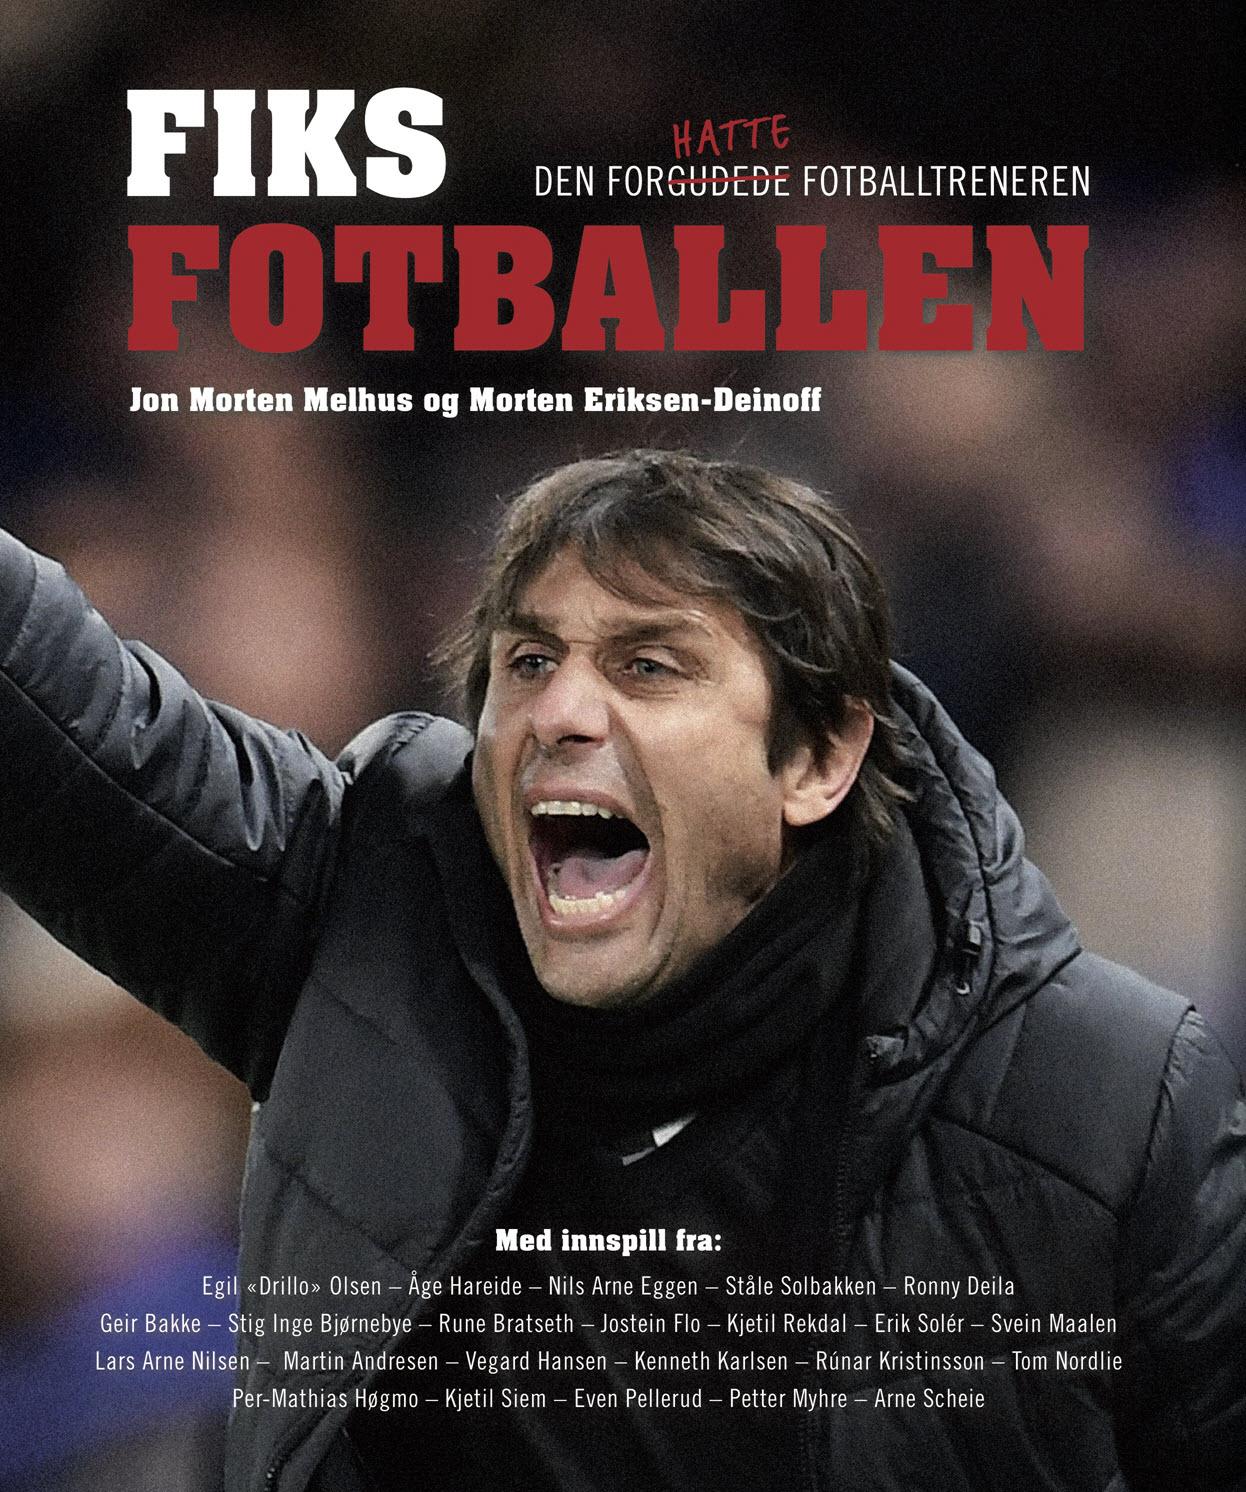 Boken som forklarer Solskjærs suksess og Mourinhos' utfordringer, hvordan Norge kan nå Top 10 på FIFA-rankingen, hvorfor trenere sparkes og hvordan det kan unngås, om Firerbandens suksess, tryllestav-syndromet og hvordan fotballklubber kan lykkes!